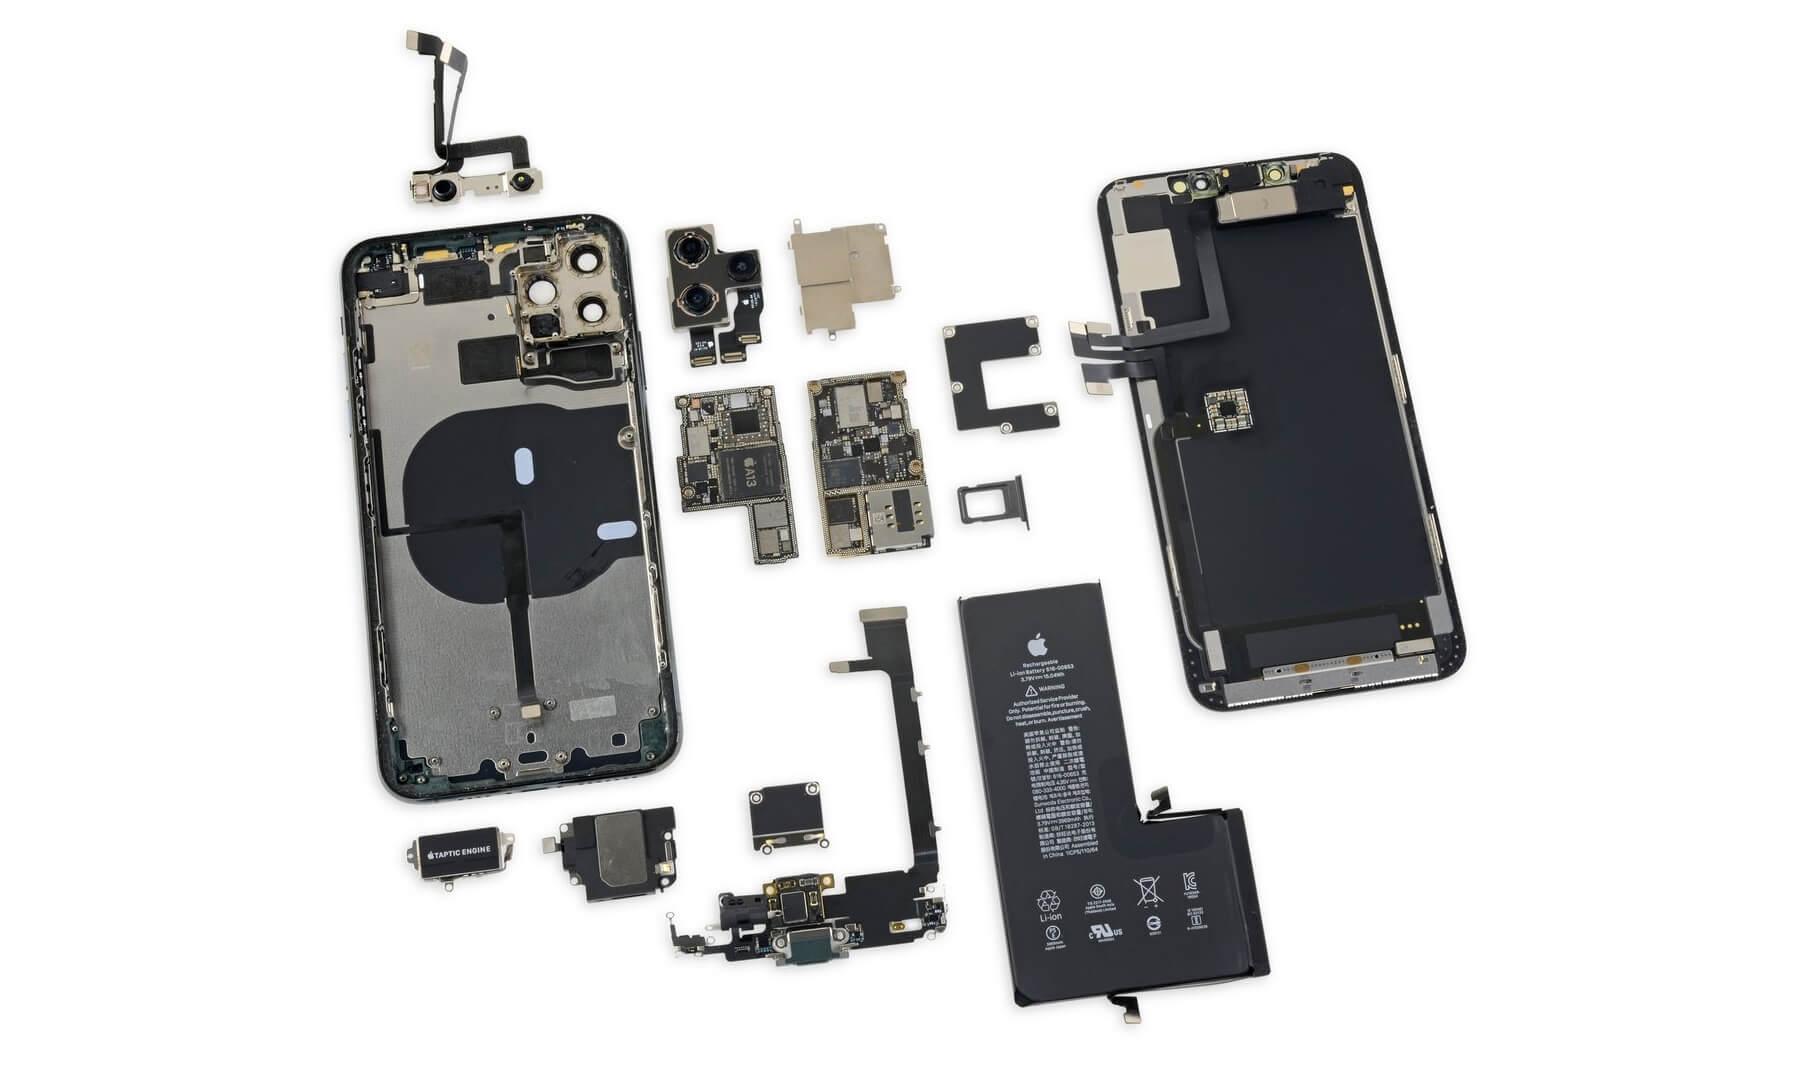 IPhone 11 Pro Max -huollon luottoluokituksena on 6 pistettä